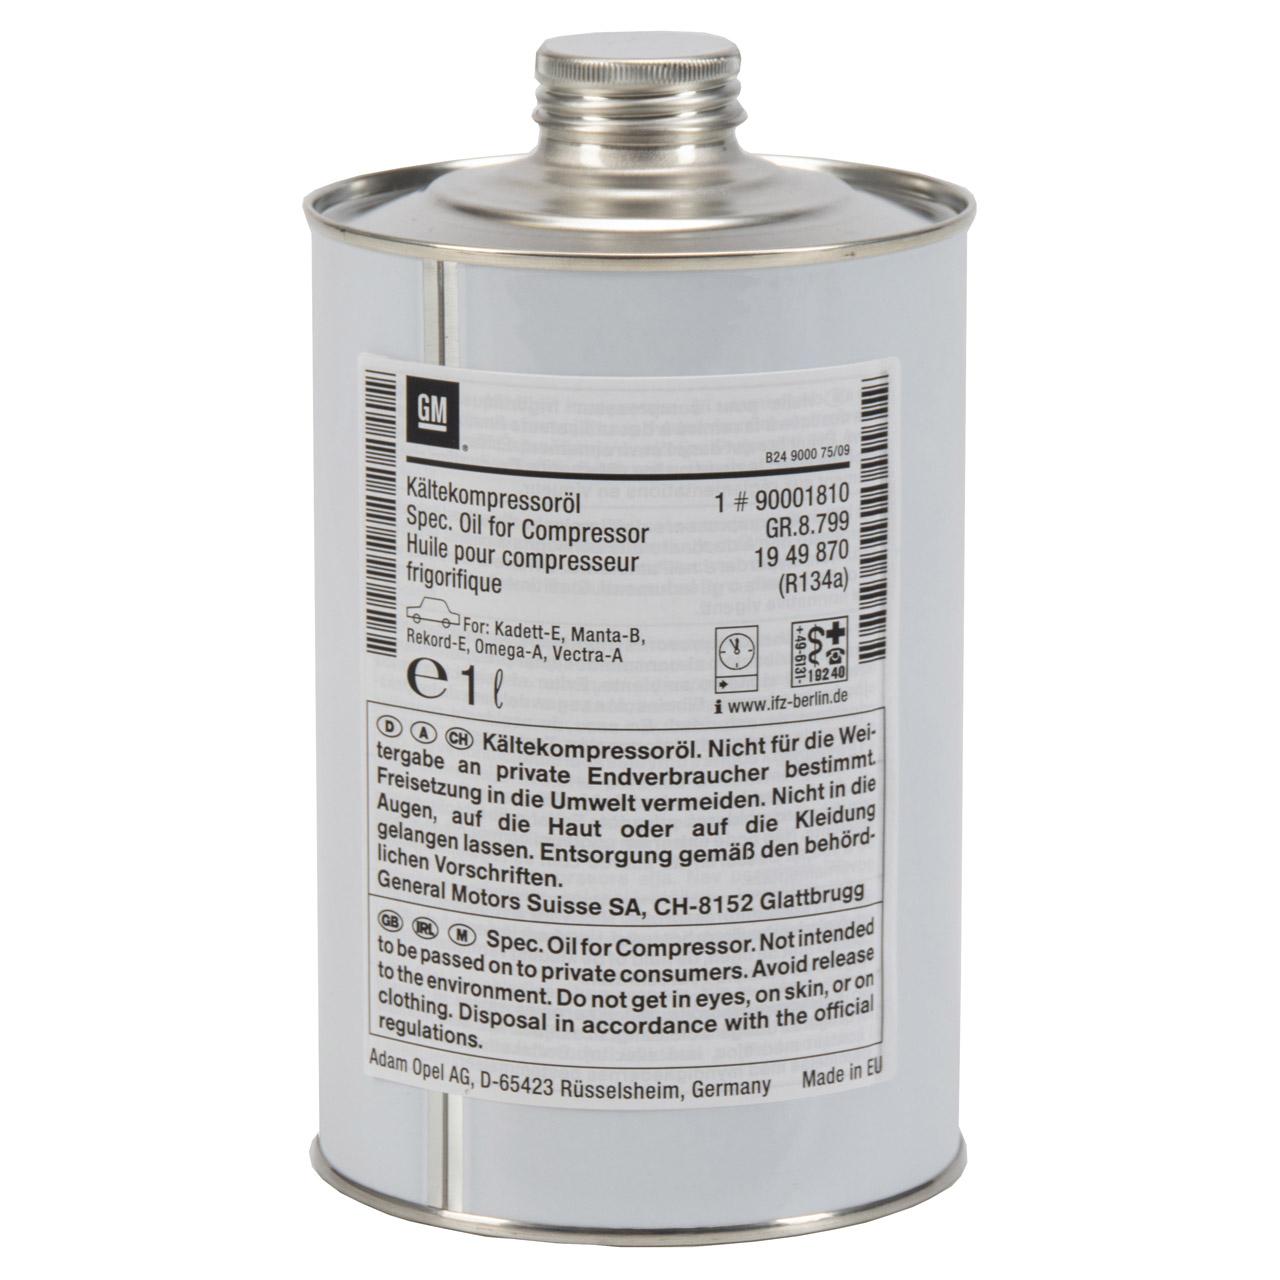 ORIGINAL Opel Kompressor-Öl Kompressoröl Kälteöl R134a 1000ml 90001810